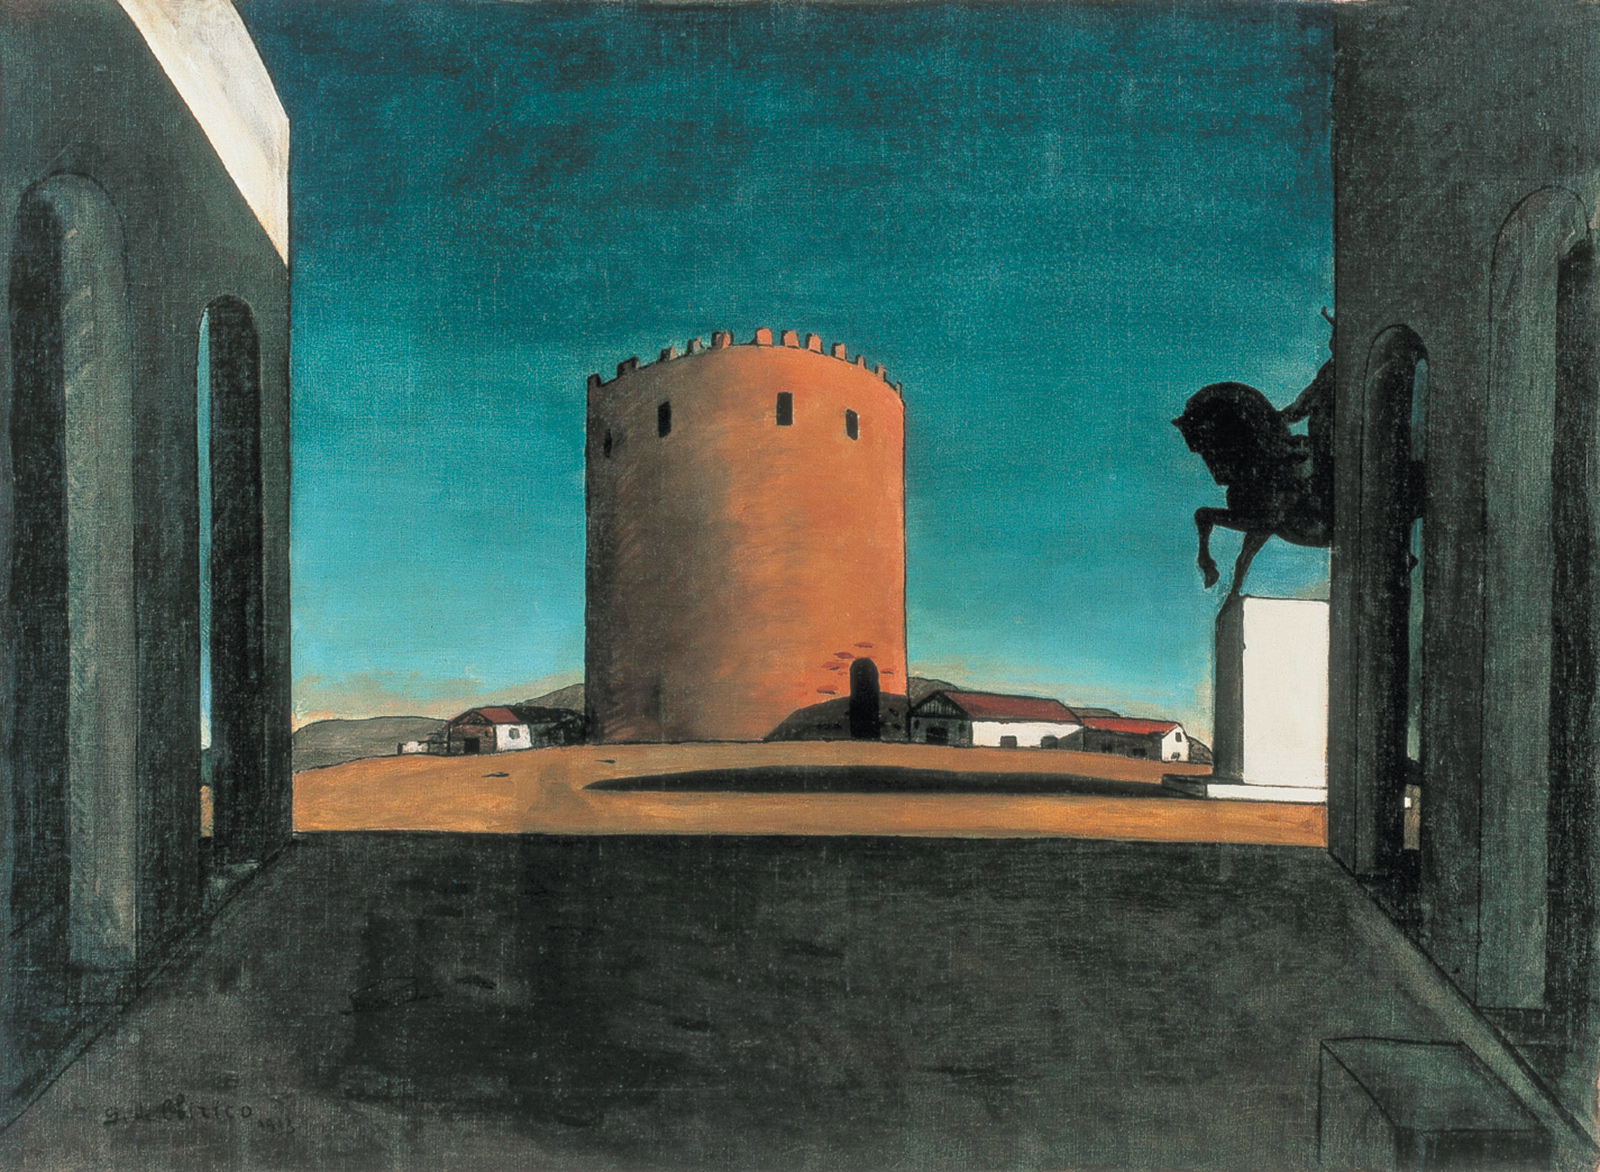 Giorgio de Chirico: The Pink Tower, 1916